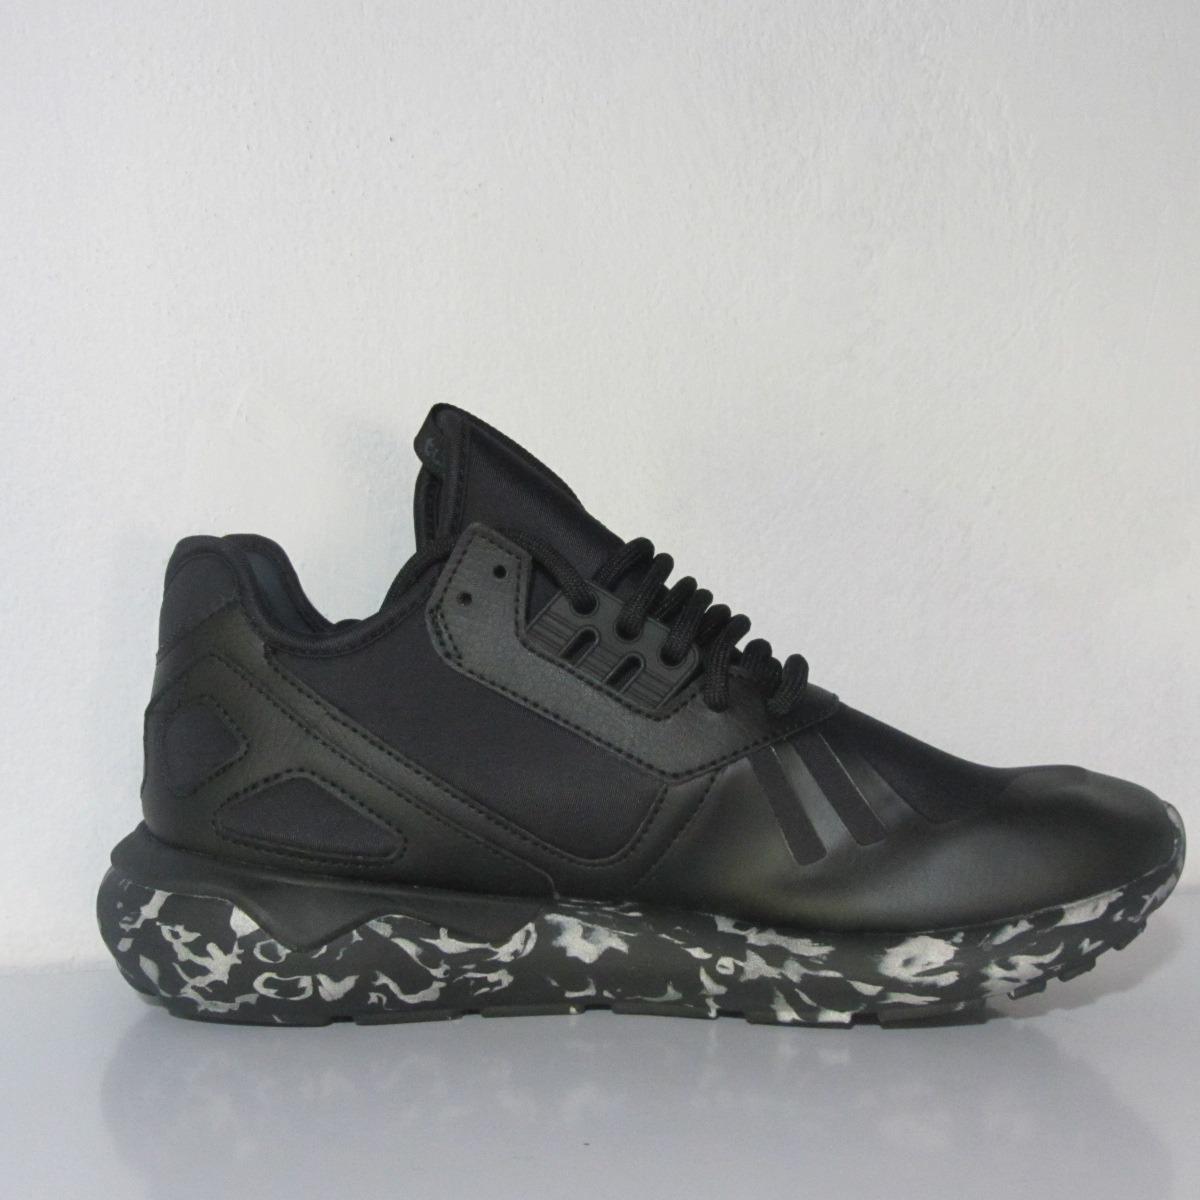 Zapatillas adidas Originals Tubular Runner F37532